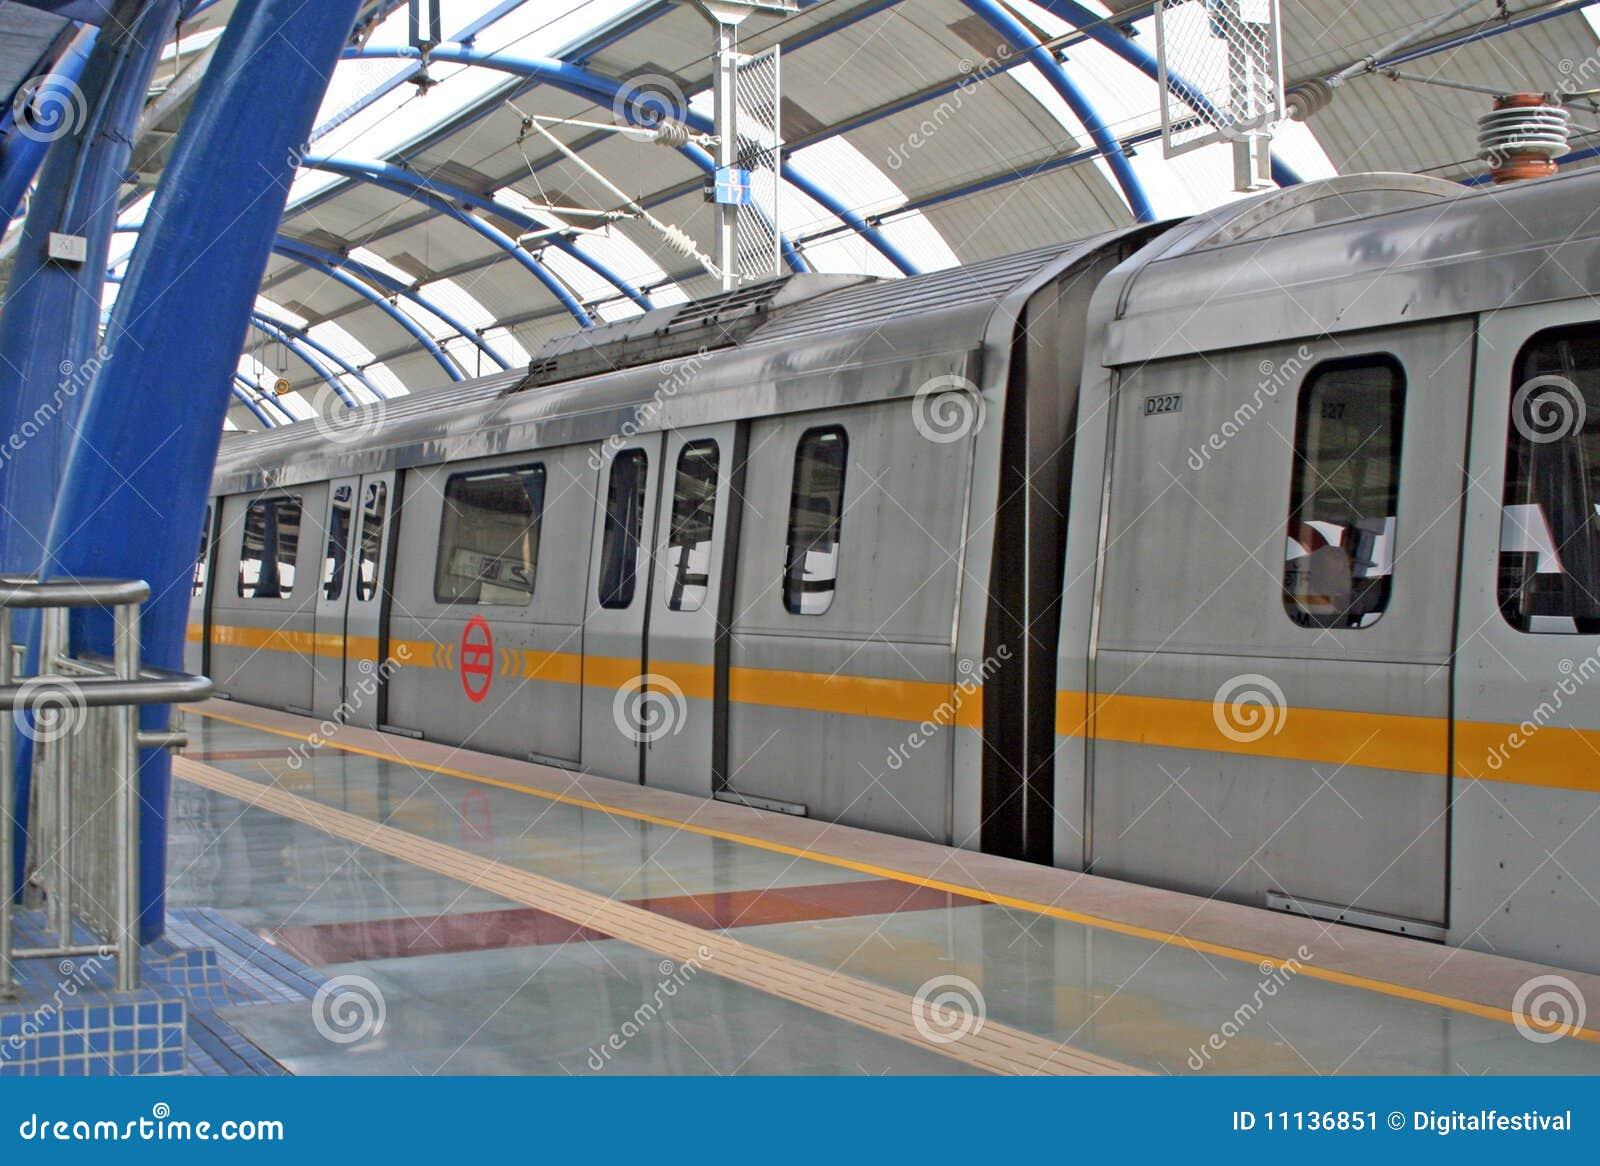 德里印度地铁新的铁路运输